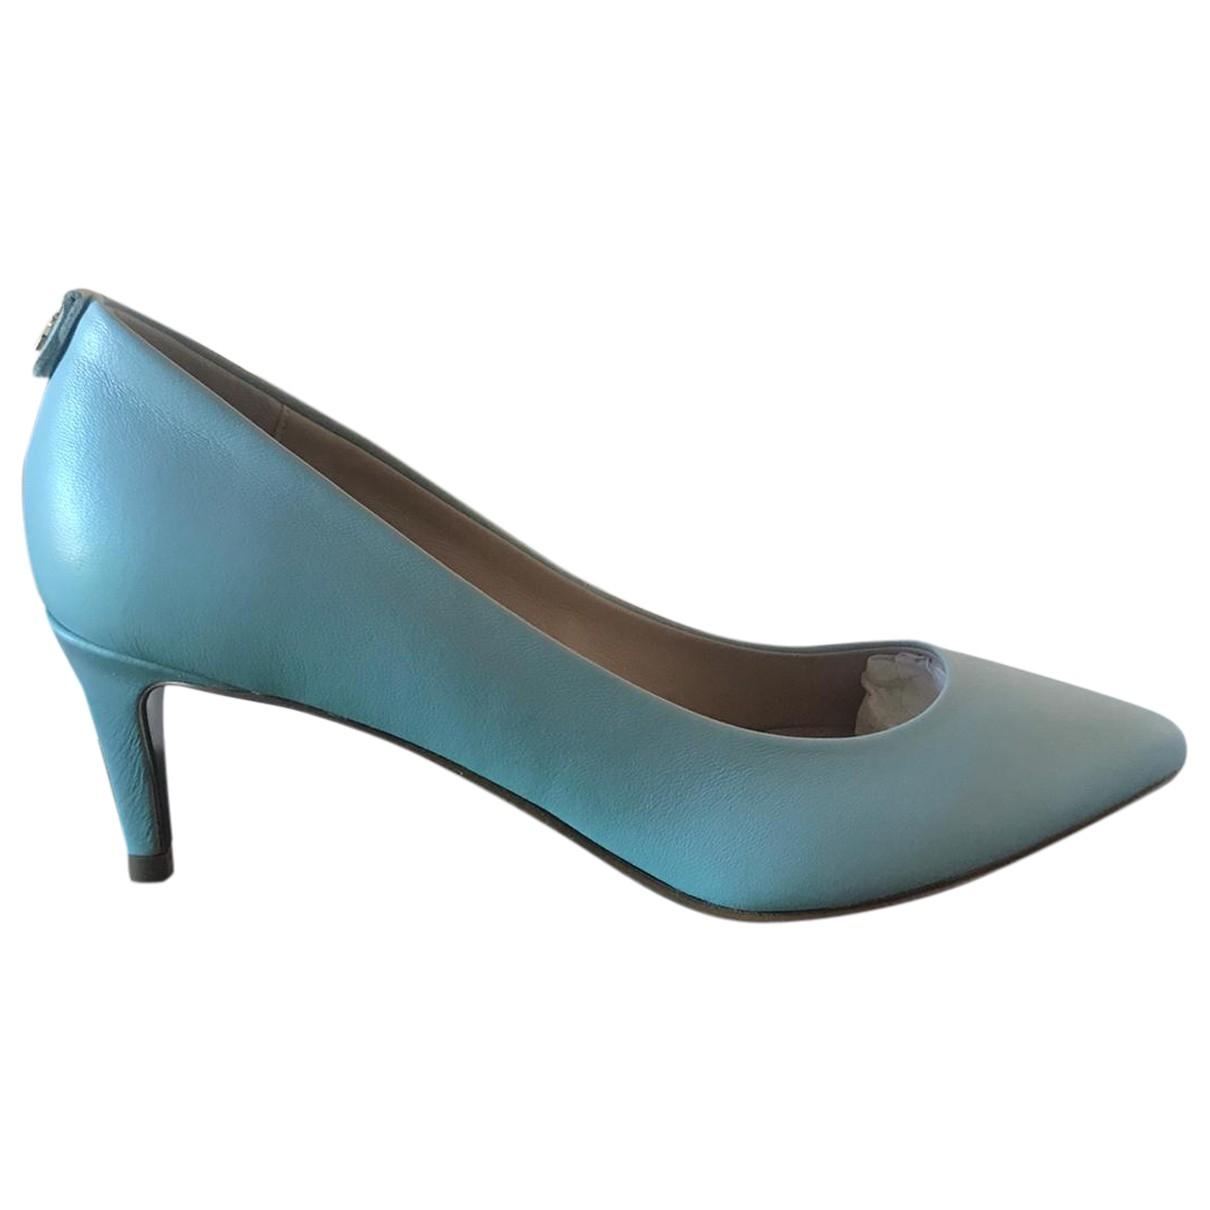 Patrizia Pepe \N Leather Heels for Women 38 IT